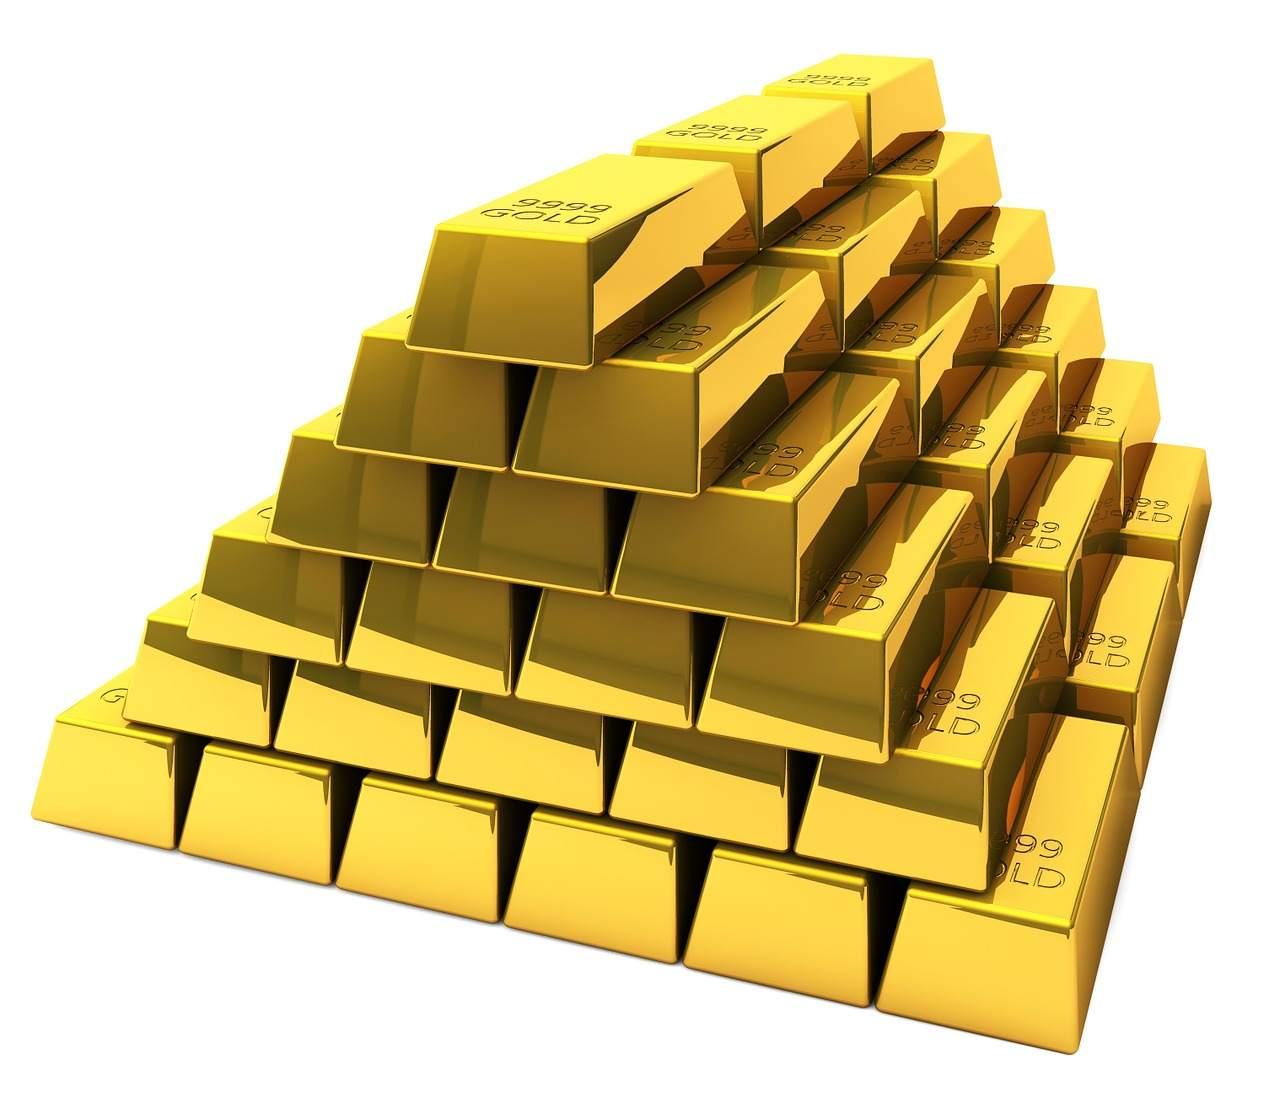 Gold Barren - Goldpreis erstaunlich robust